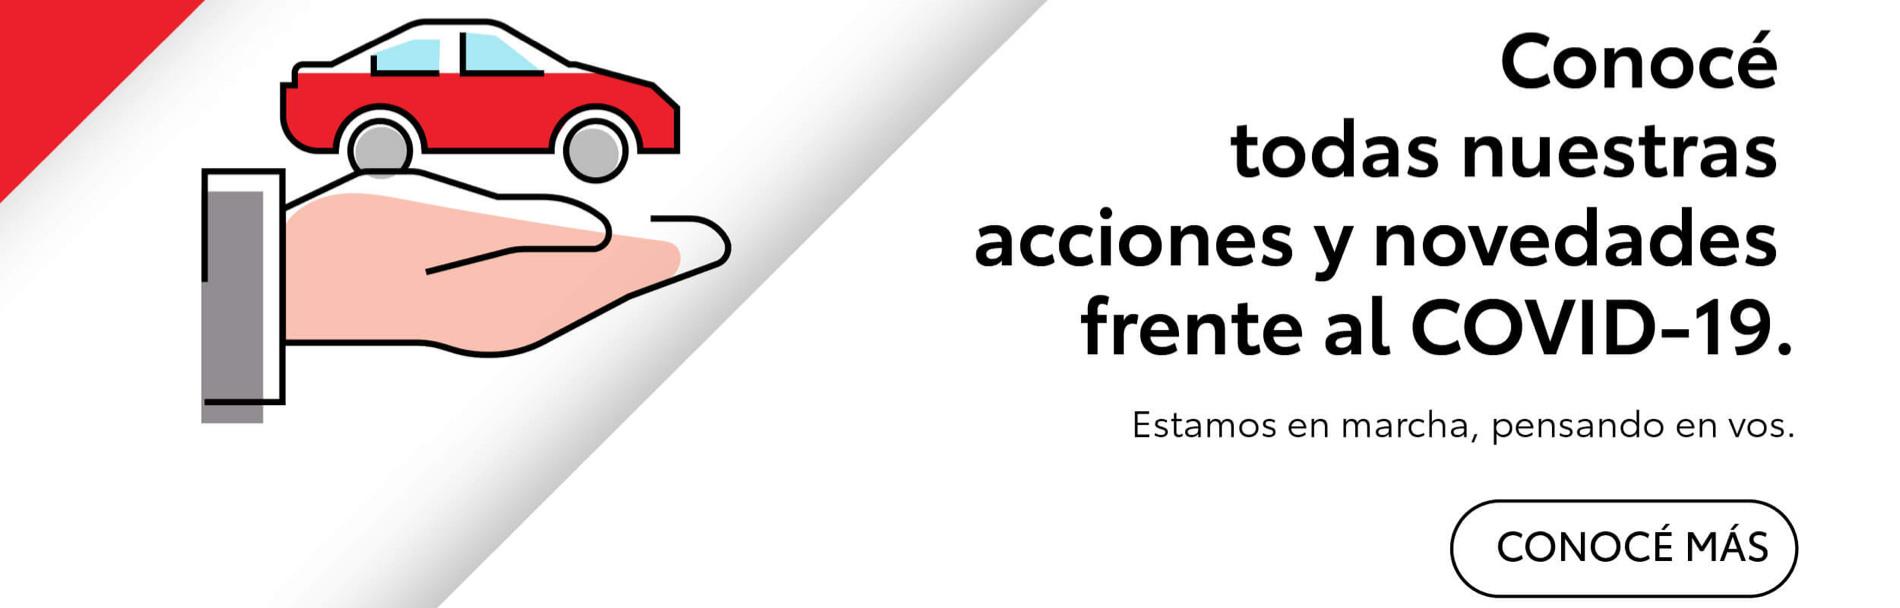 ACCIONES Y NOVEDADES DE COVID19